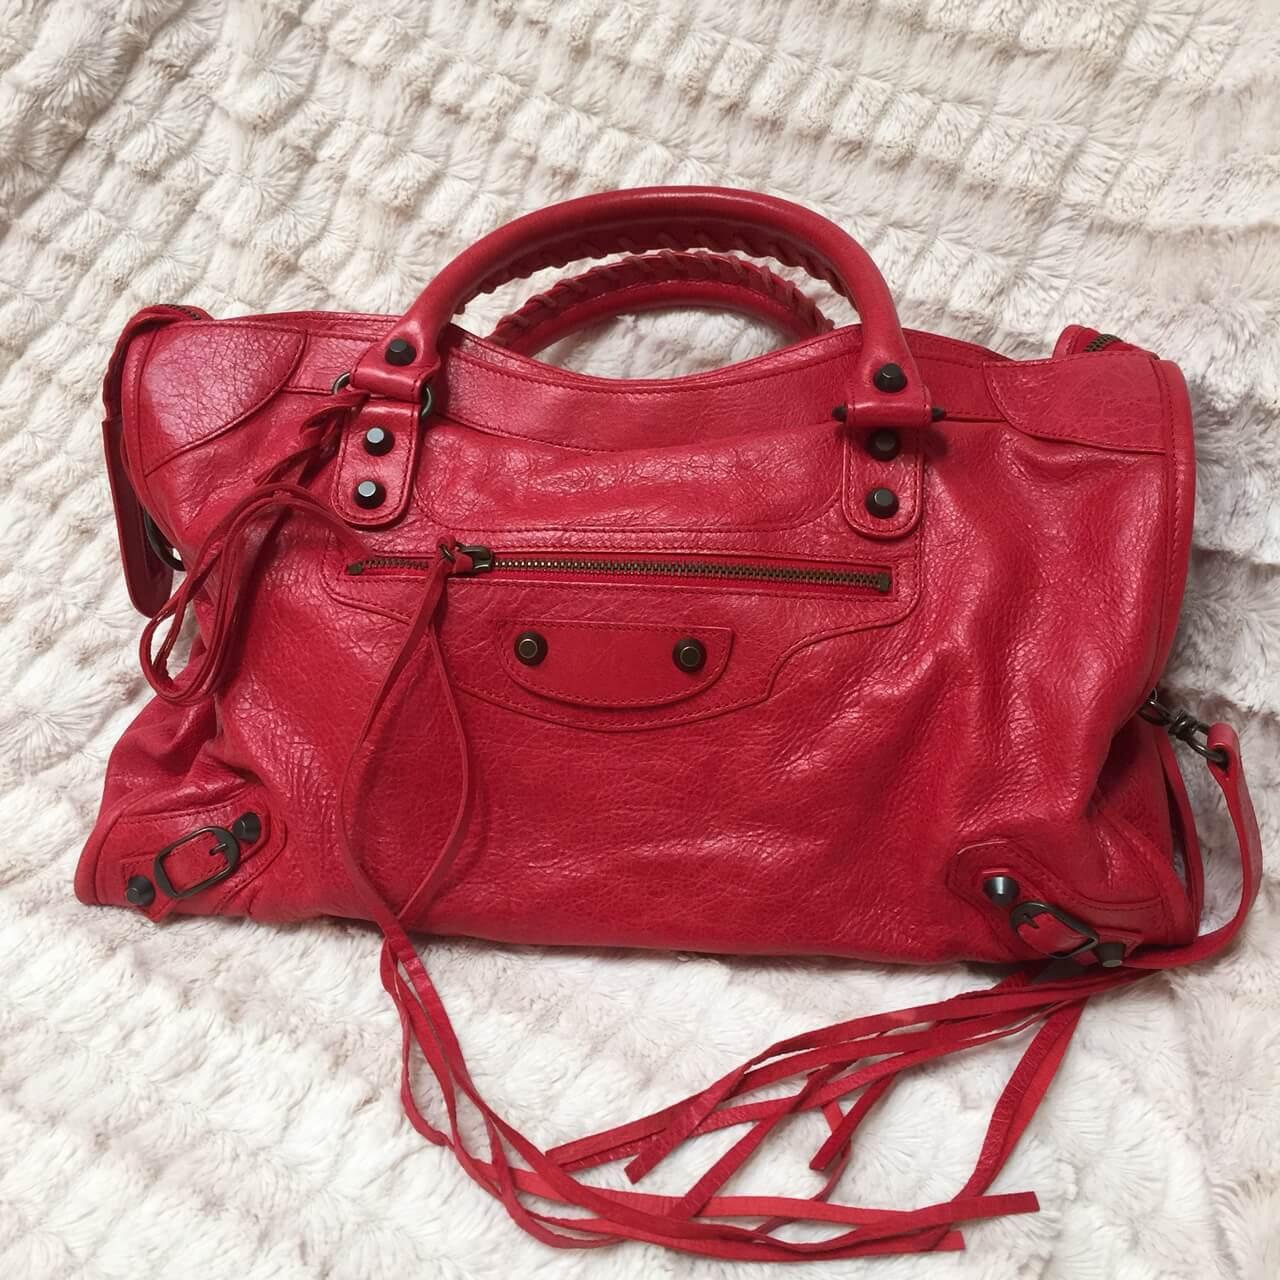 Balenciaga Handbags & Purses